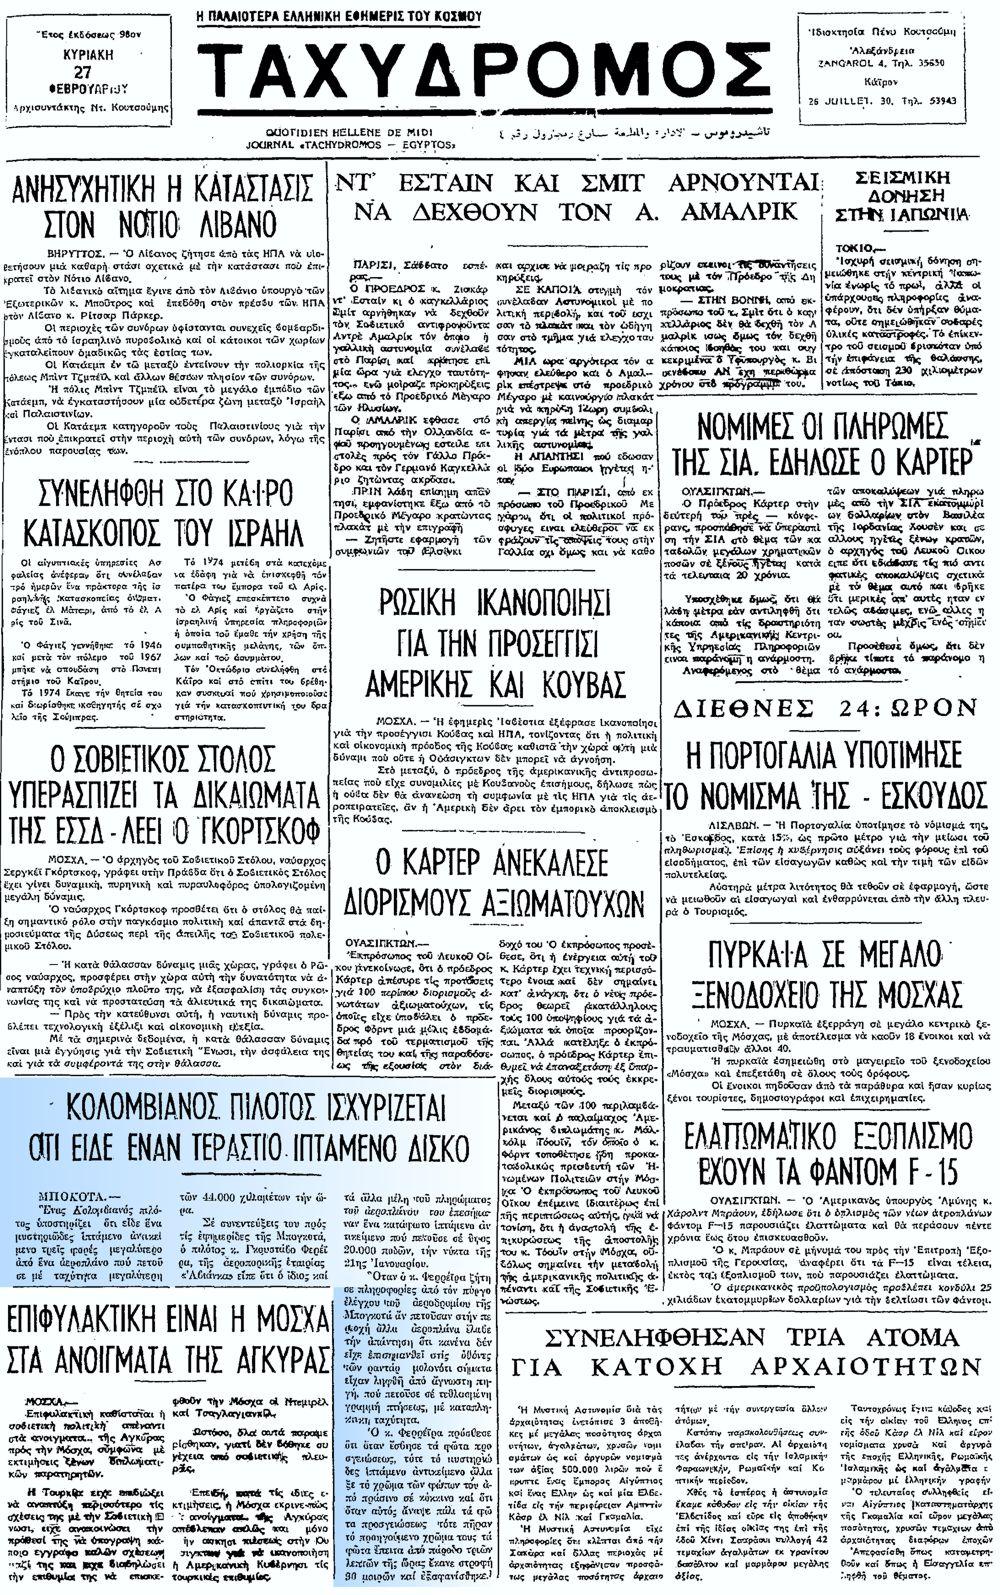 """Το άρθρο, όπως δημοσιεύθηκε στην εφημερίδα """"ΤΑΧΥΔΡΟΜΟΣ"""", στις 27/02/1977"""